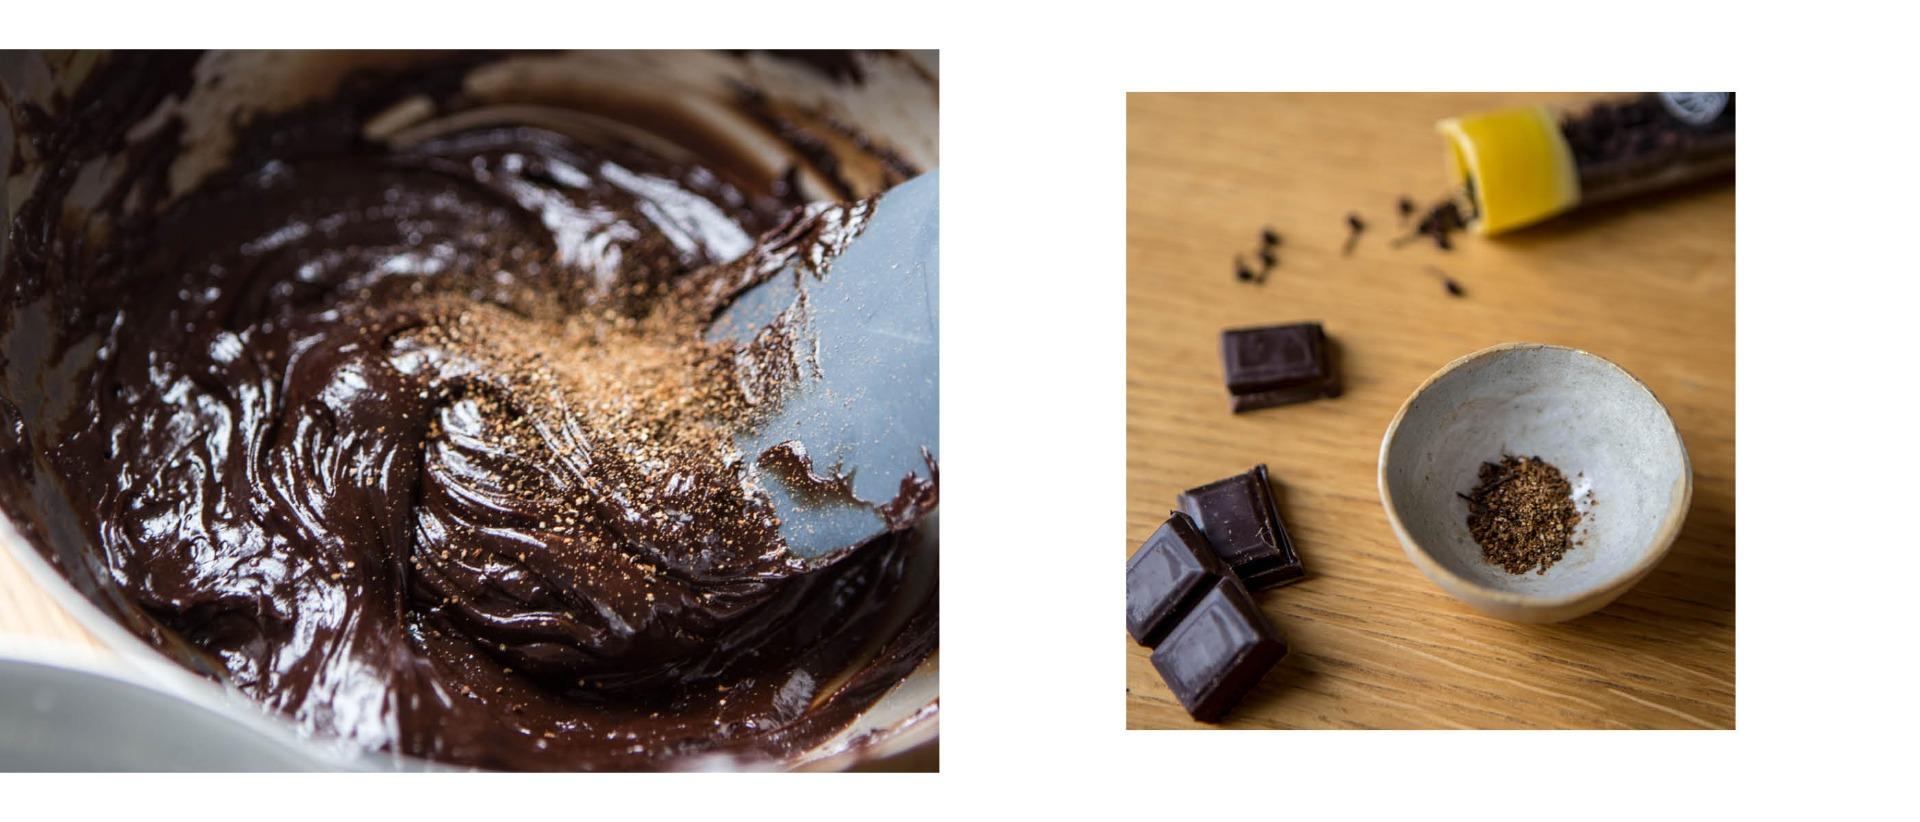 Mousse al cioccolato aromatizzata al pepe